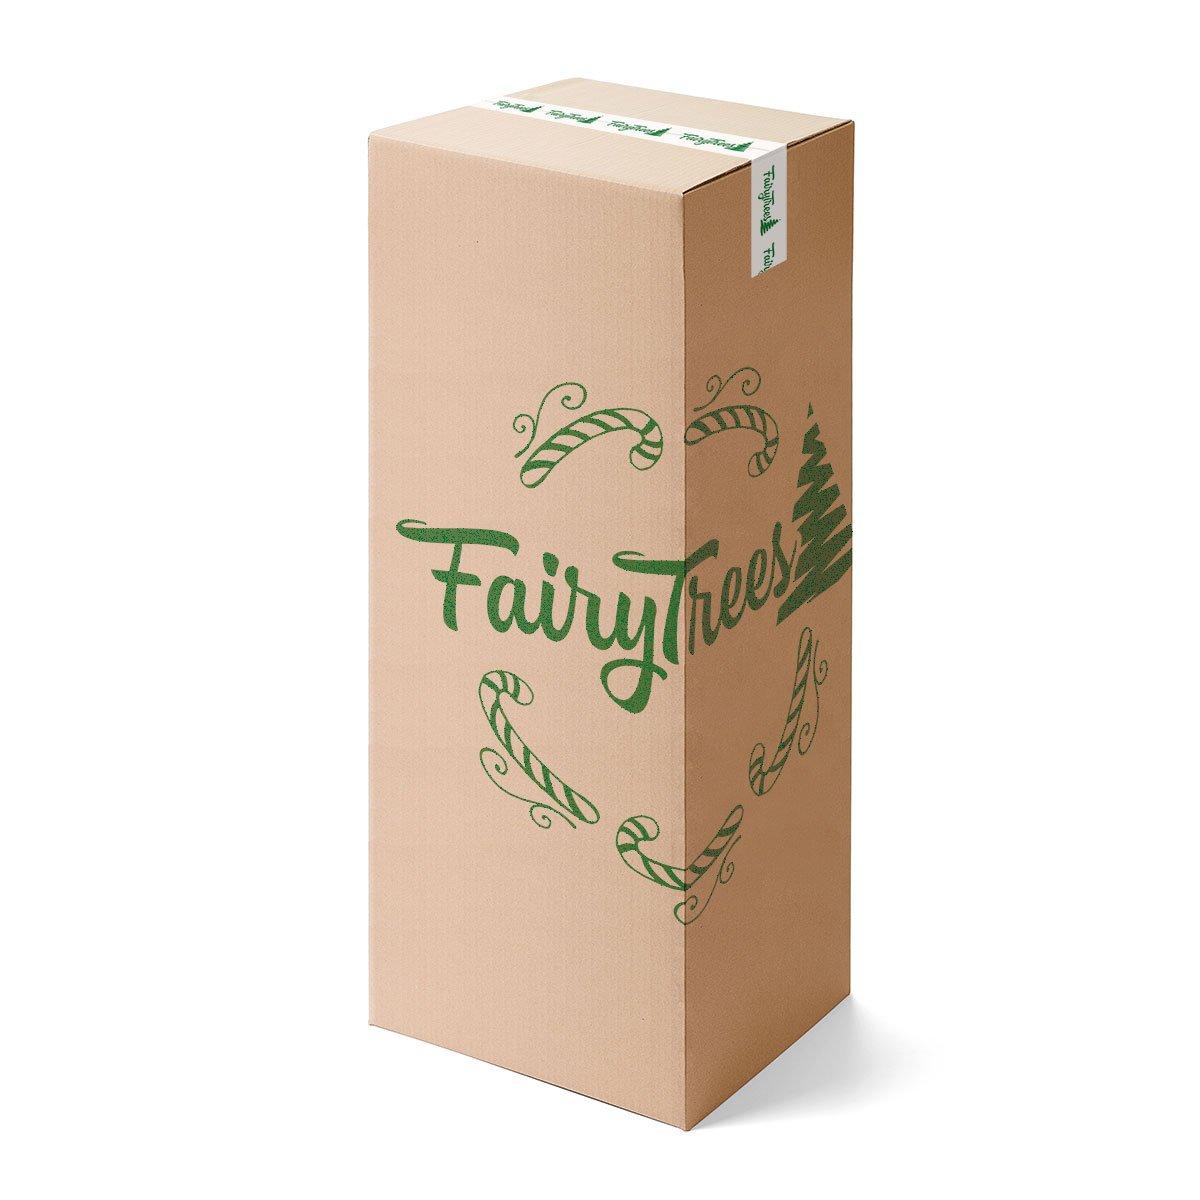 FairyTrees Árbol de Navidad Artificial Picea Alpino Premium, Material Mix PU y PVC, el Soporte en Metal, 180cm, FT17-180: Amazon.es: Hogar